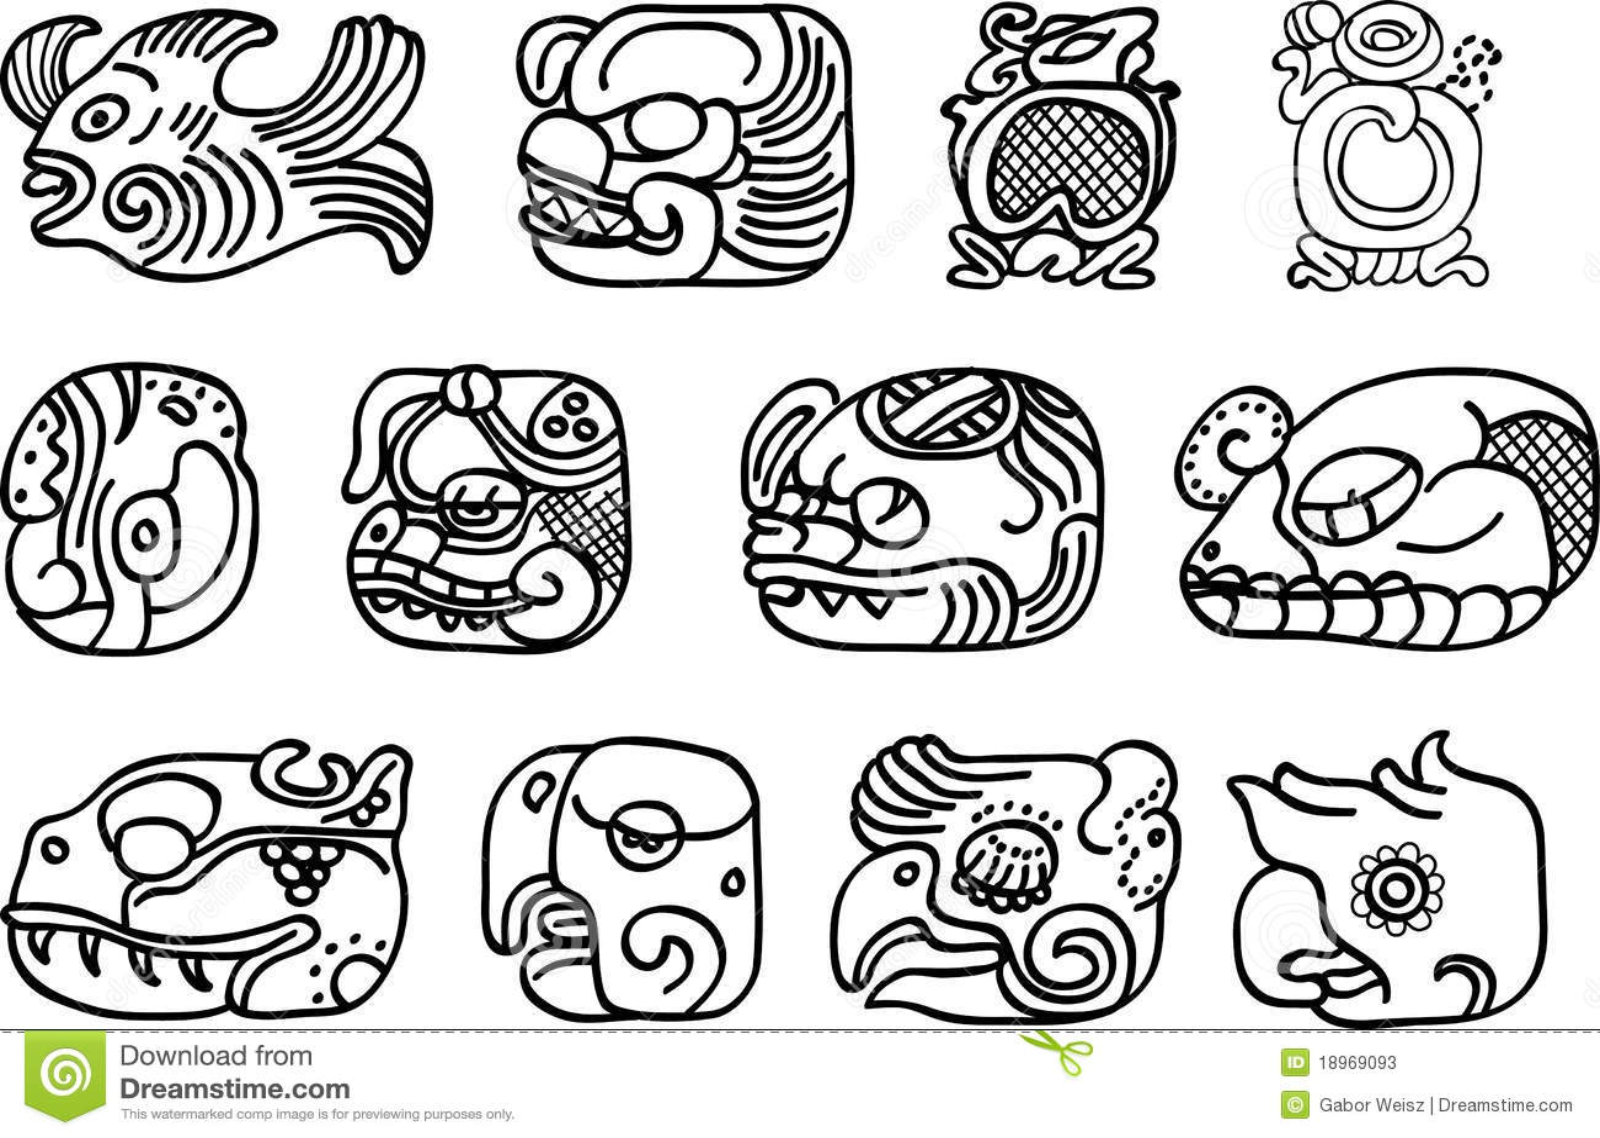 Aztec Glyphs Stock Illustrations 219 Aztec Glyphs Stock